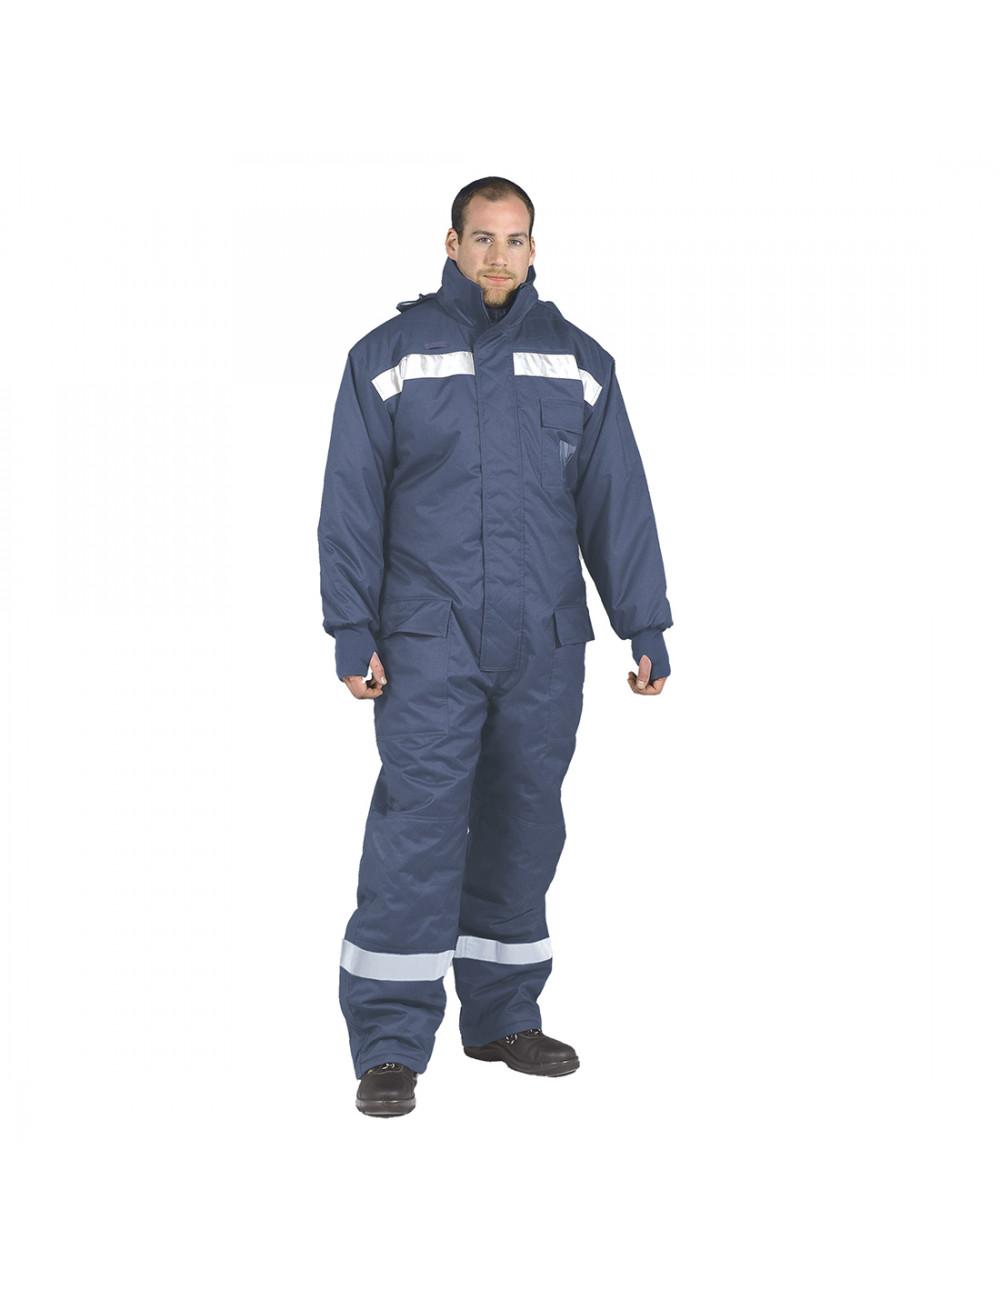 Kombinezon COLDSTORE CS-12 idealny do pracy w mroźni lub chłodni. Ochrona do -40 st.C!